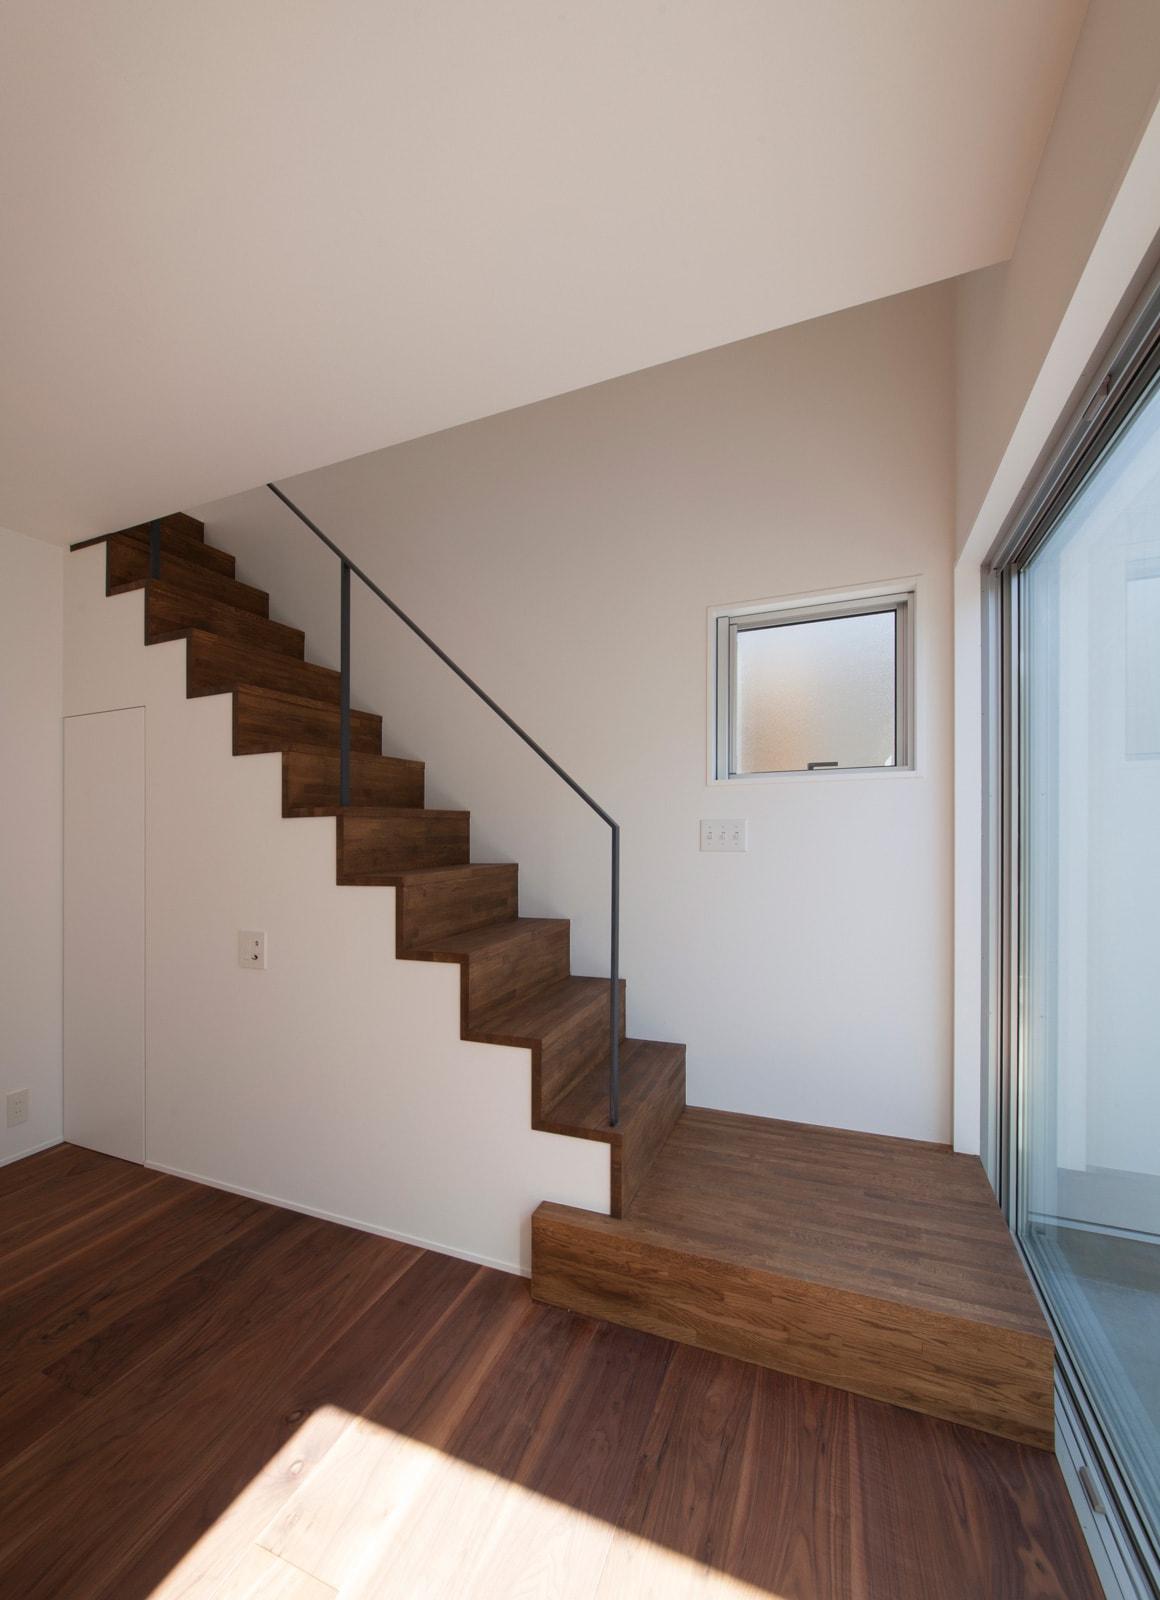 内外の家の階段(木製)1